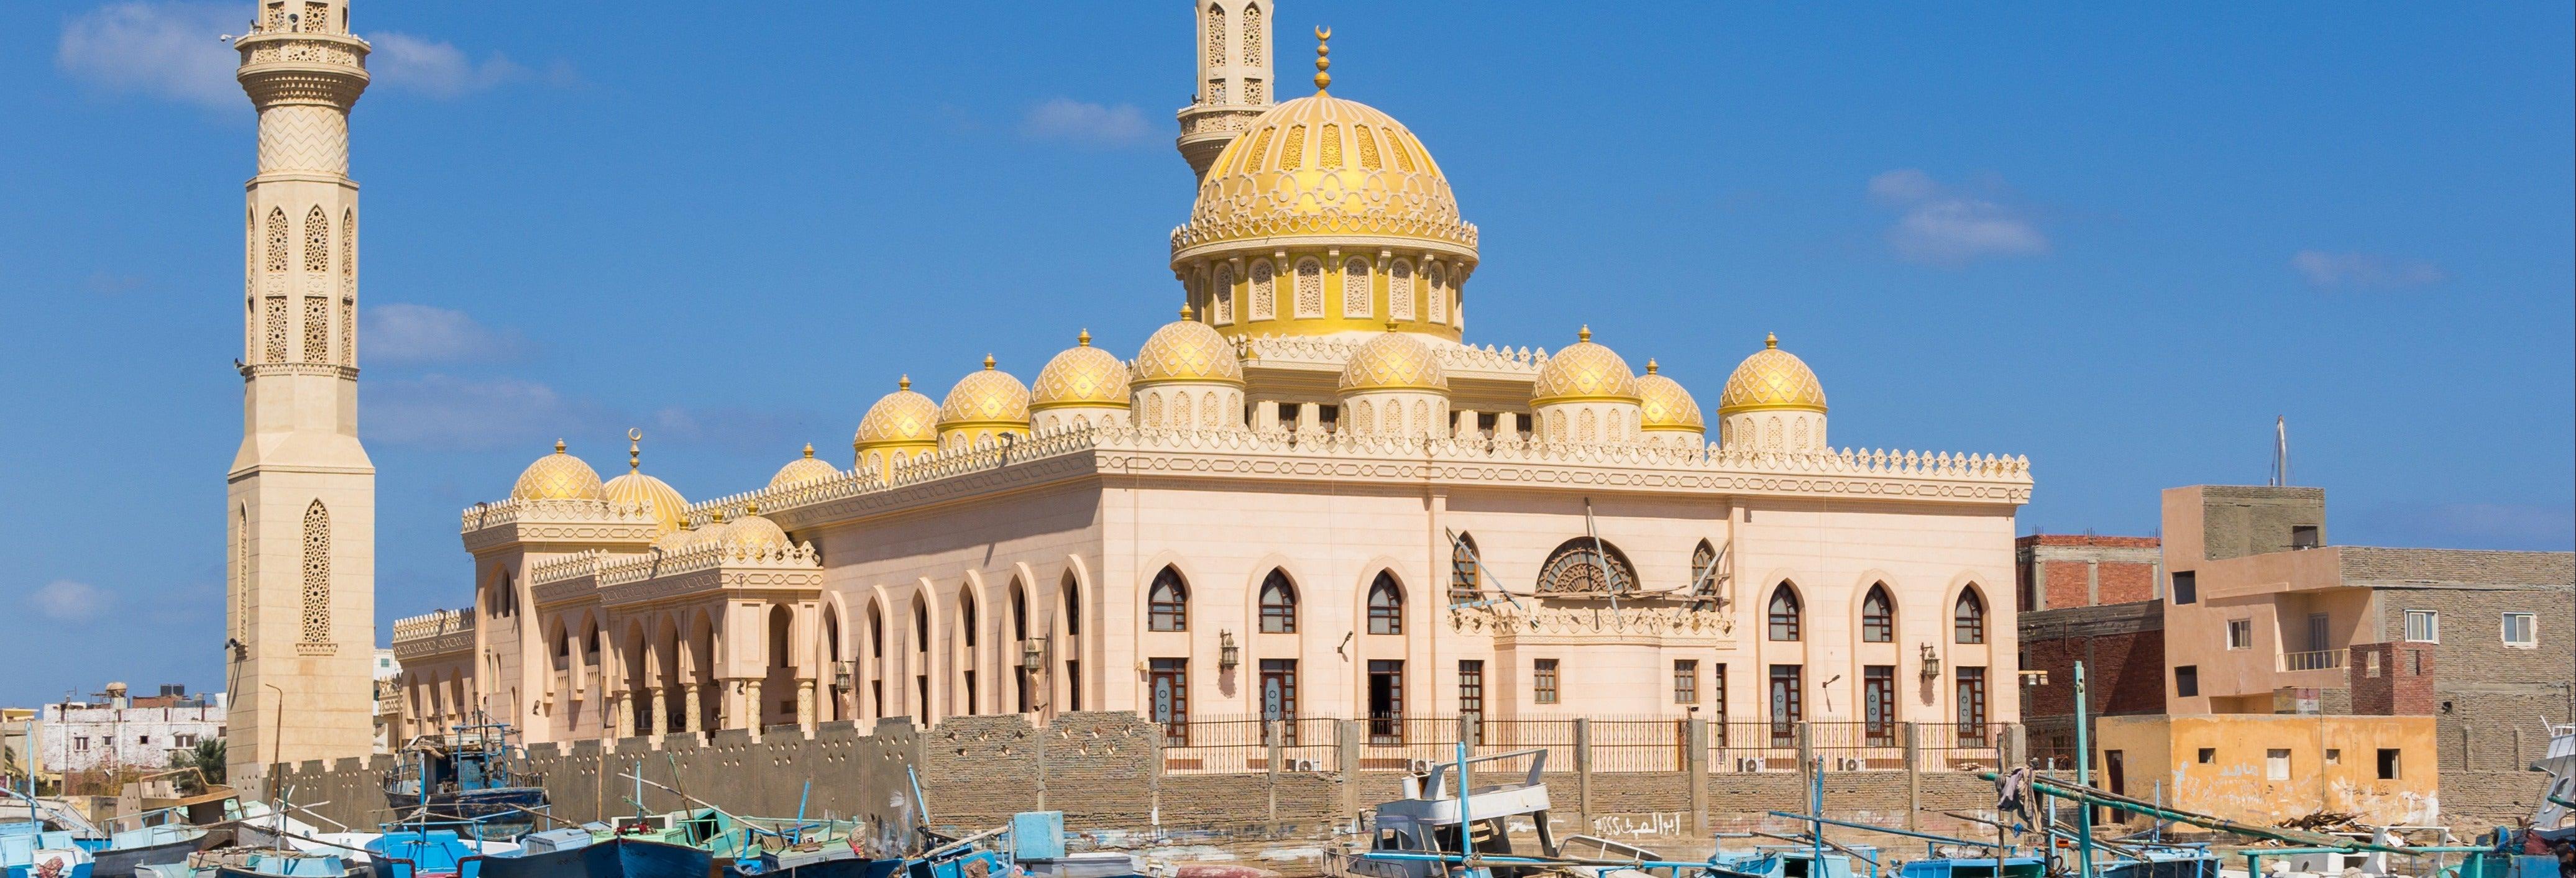 Visita guiada por Hurghada